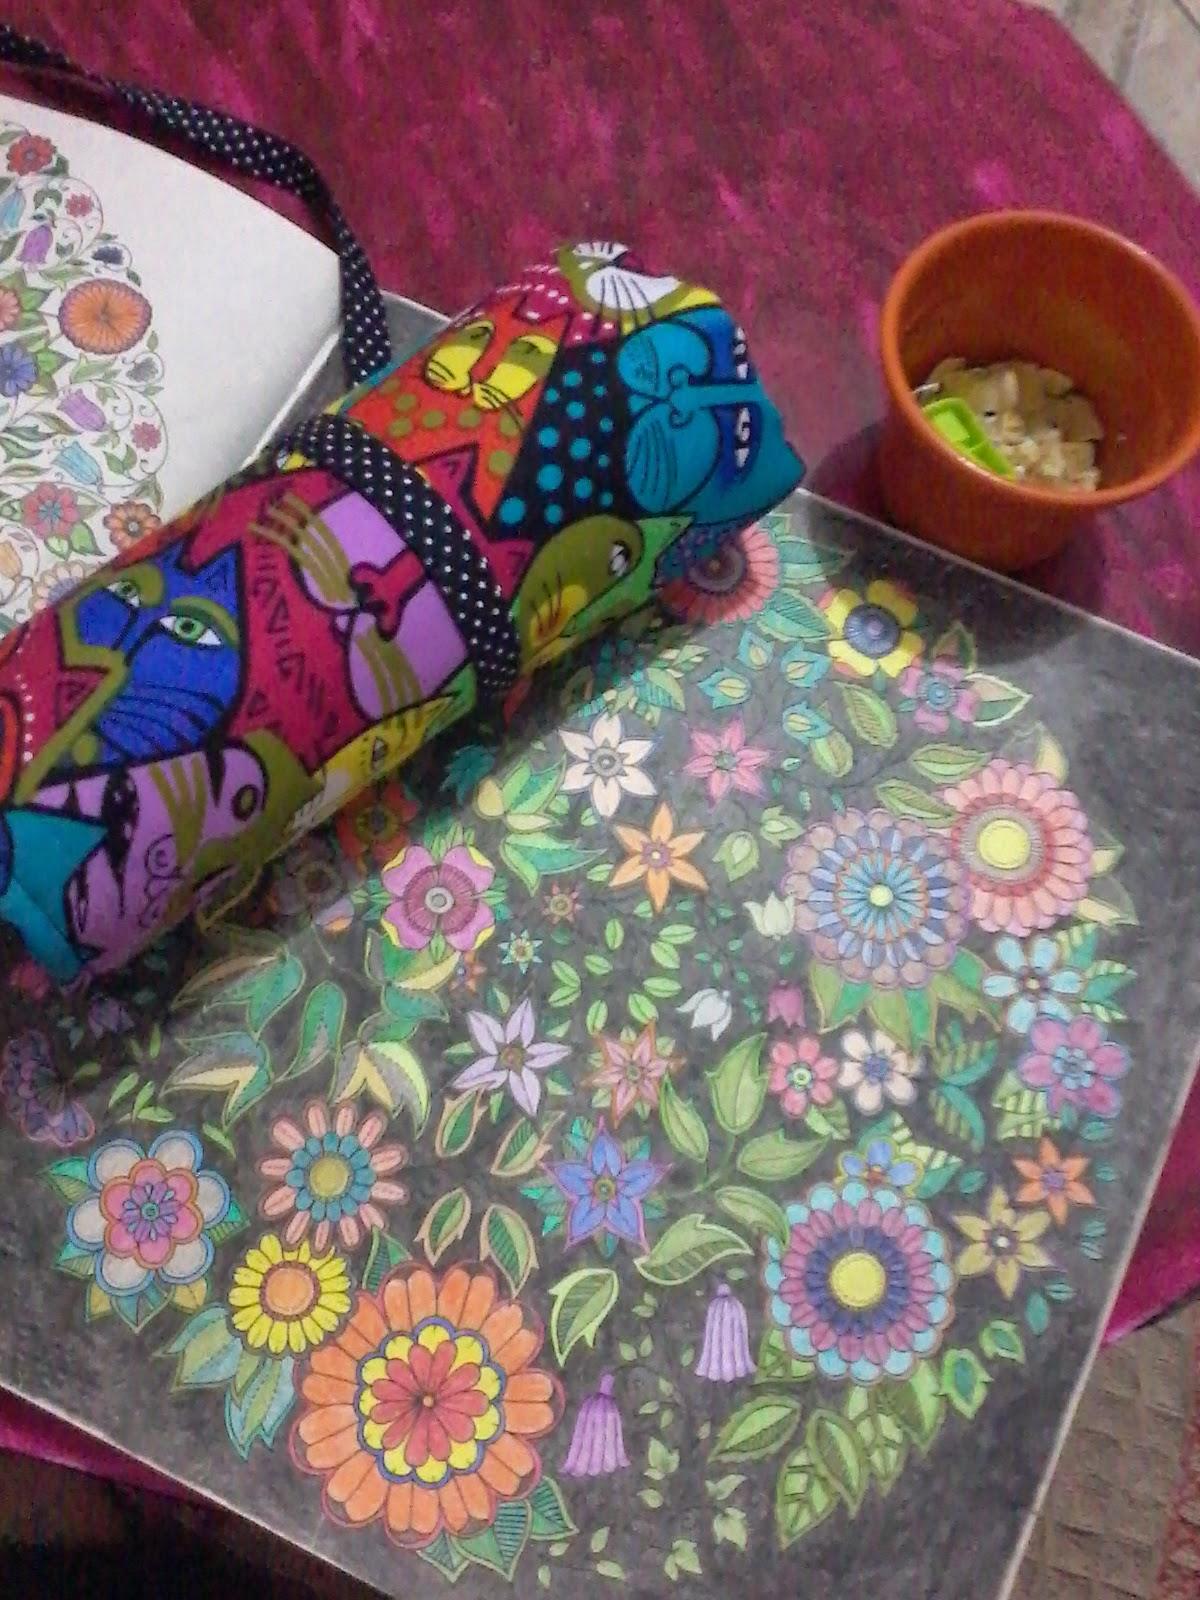 15 livros de colorir para adultos e febre dos livros de colorir para adultos!!! (ou vice versa)